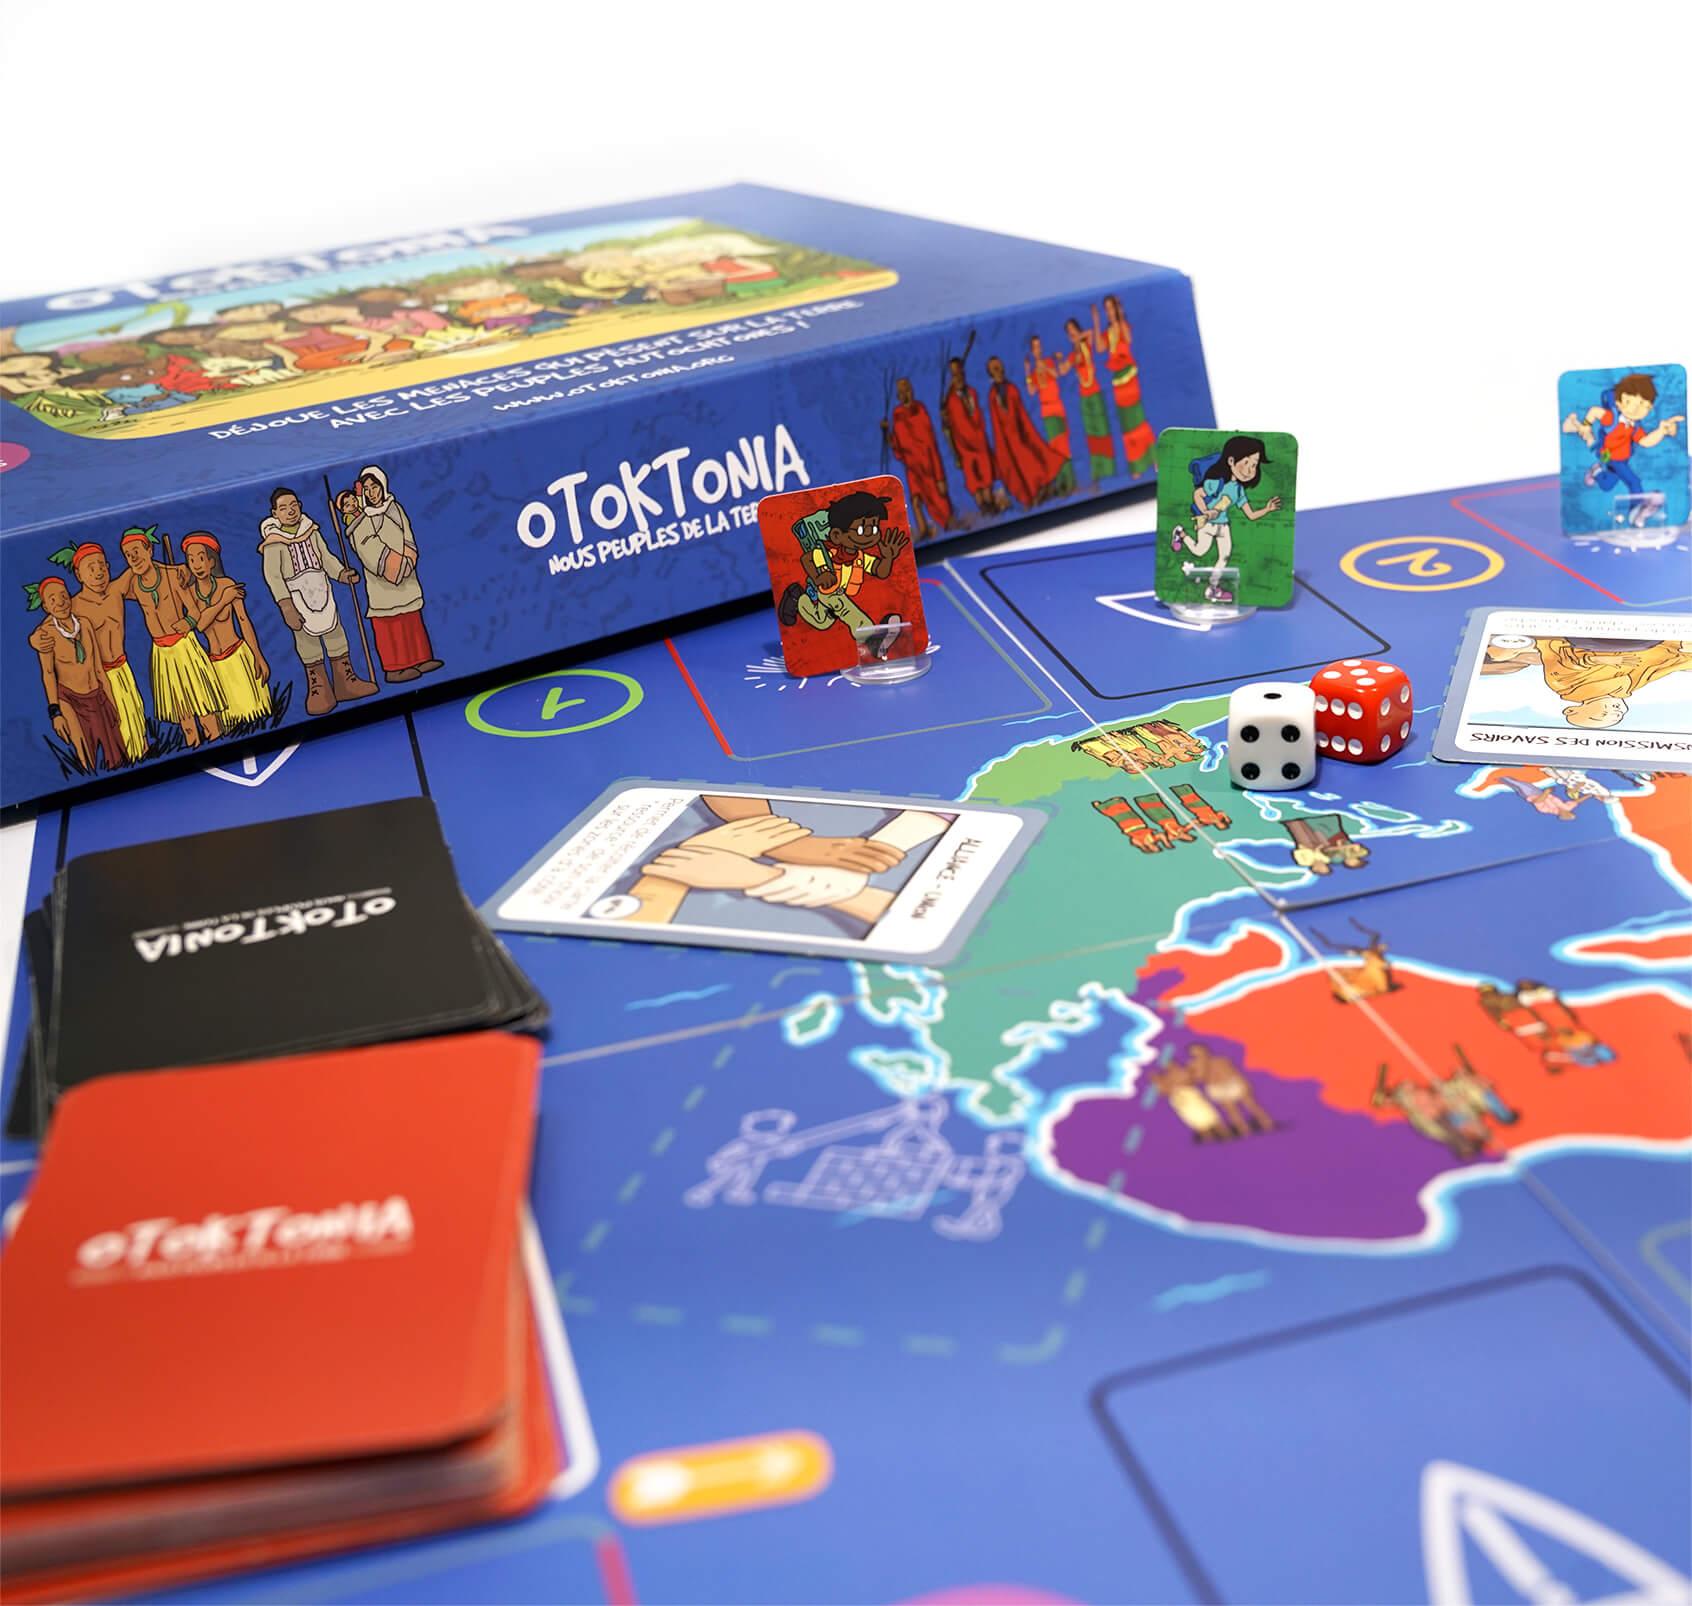 Découvre Otoktonia, un jeu de société coopératif